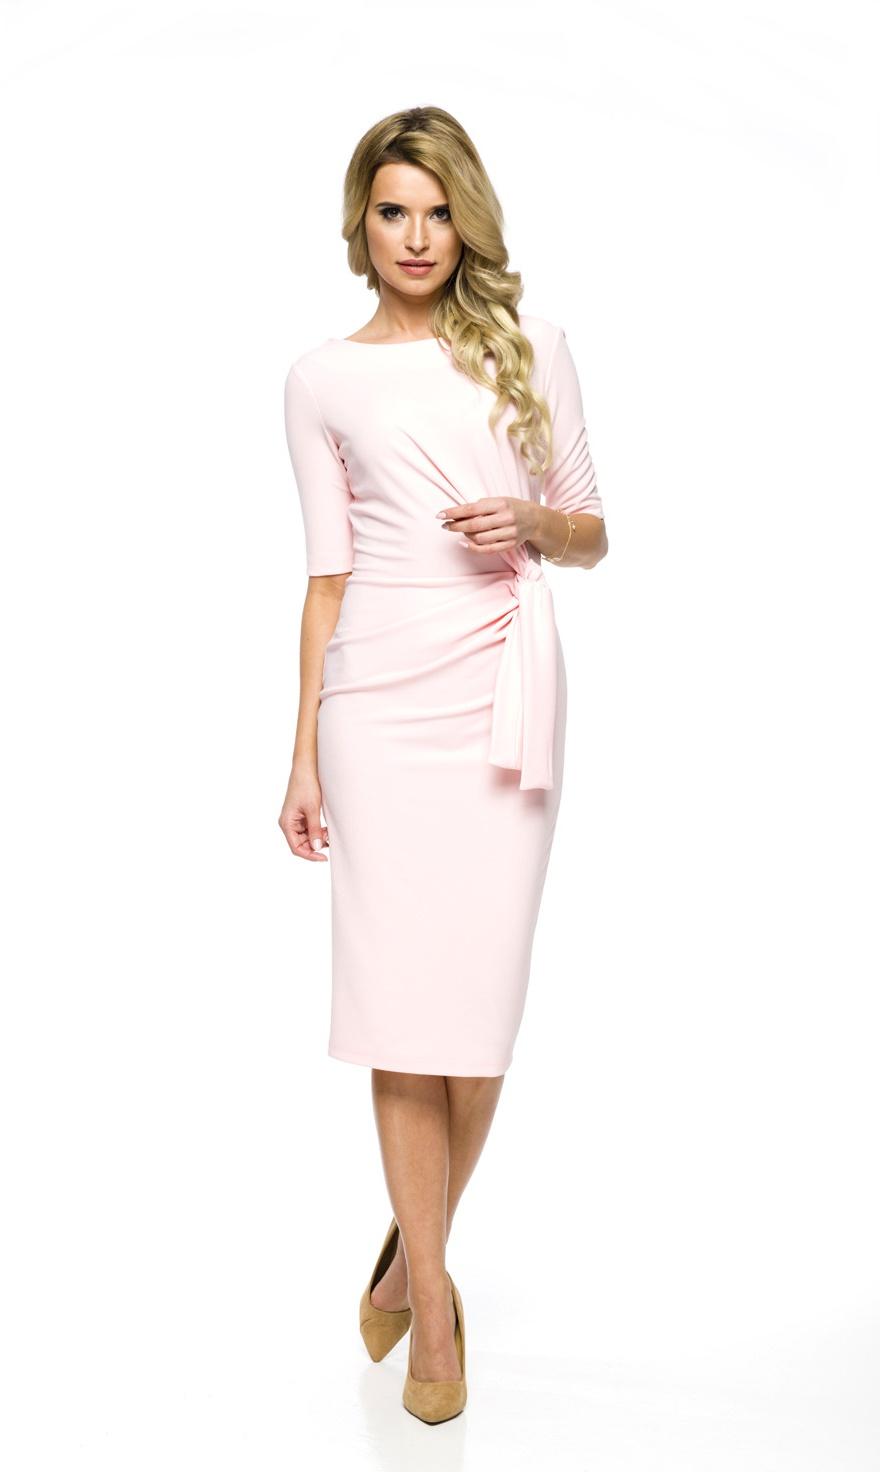 dámske šaty, elegantné šaty, koktejlové šaty, puzdrové šaty, šaty na svadbu, šaty na promócie, krátke šaty,šaty na večierok,